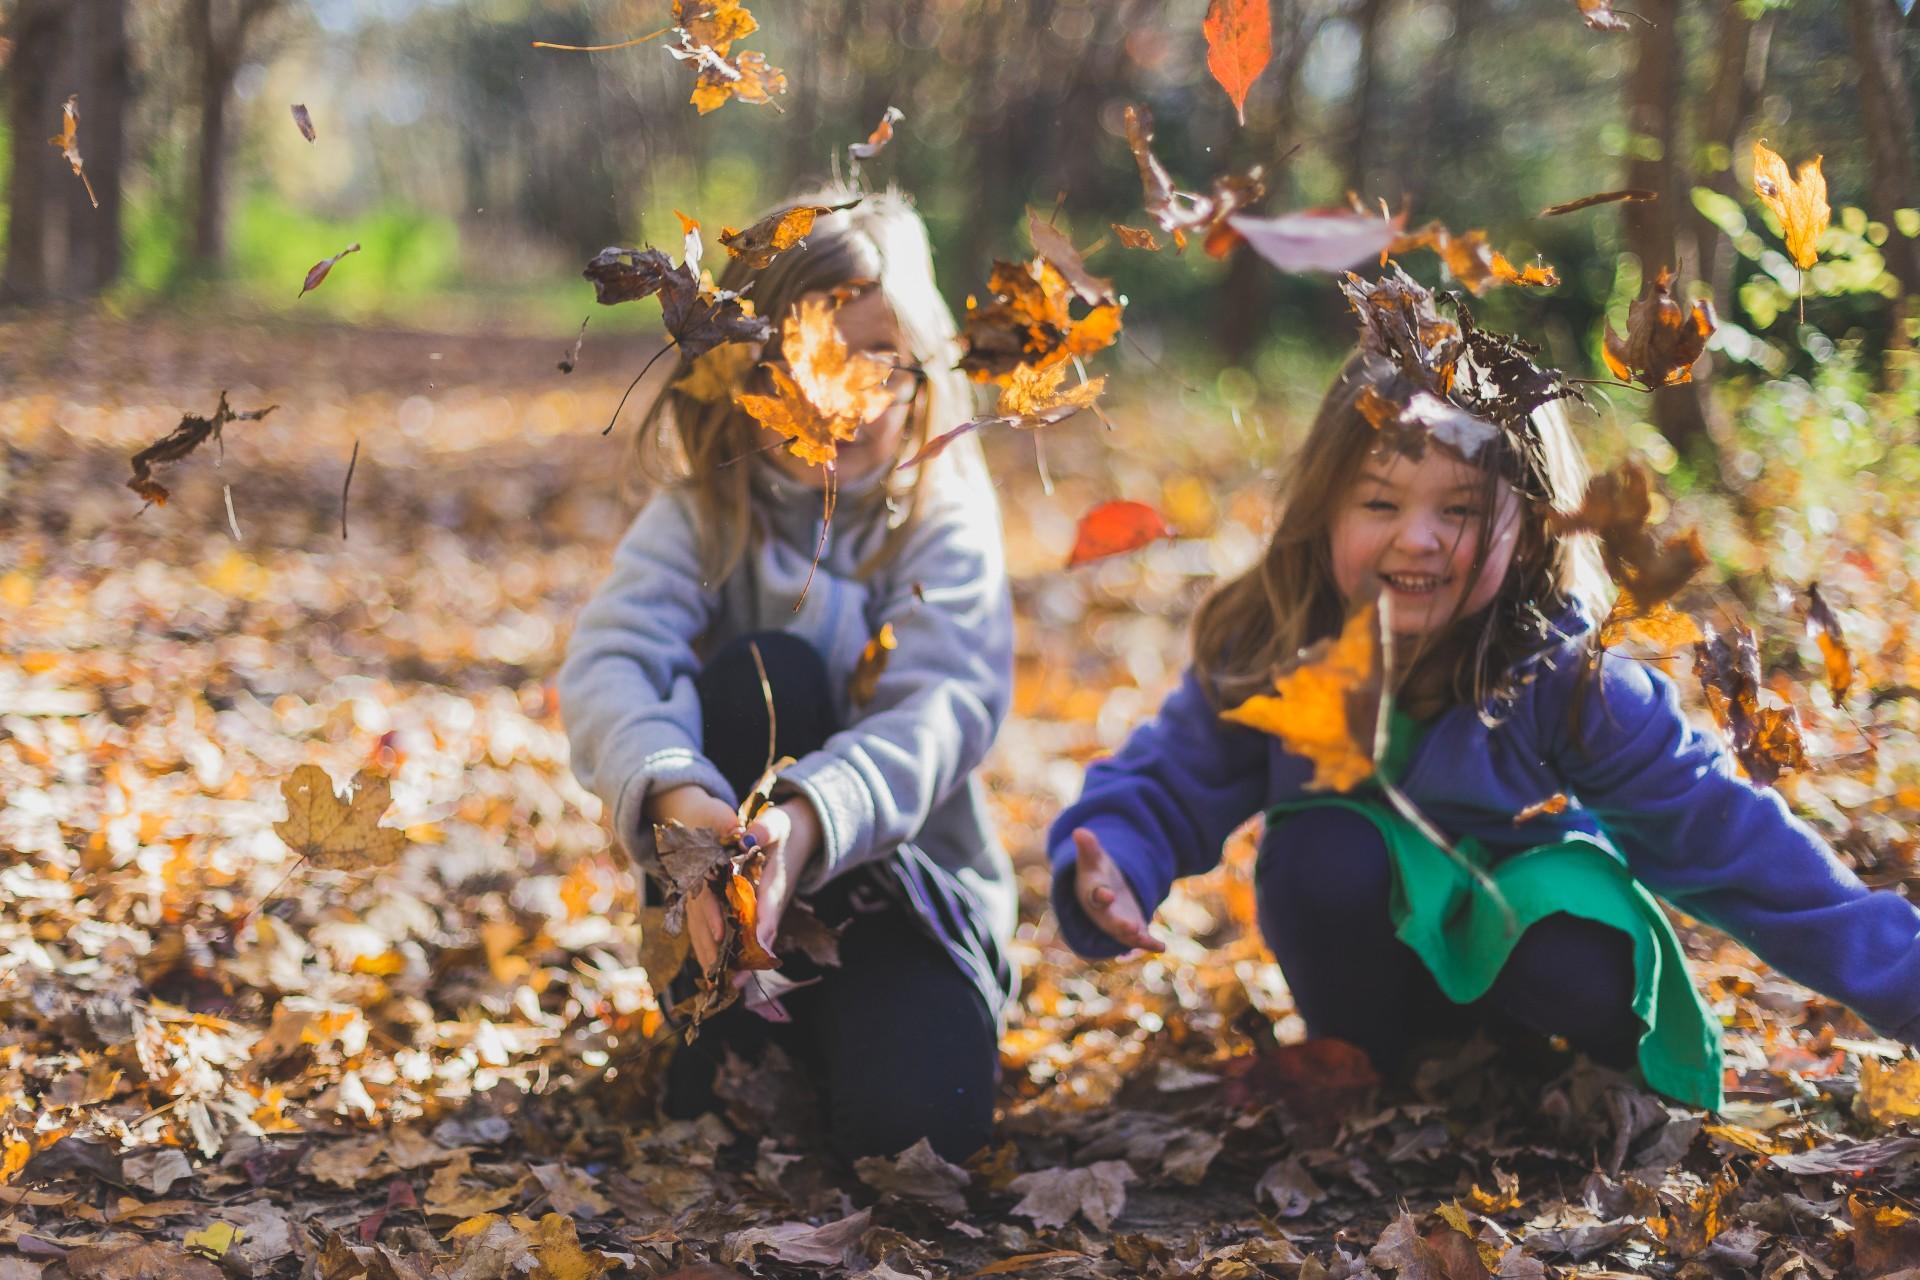 Las actividades al aire libre reducen la posibilidad de padecer miopía